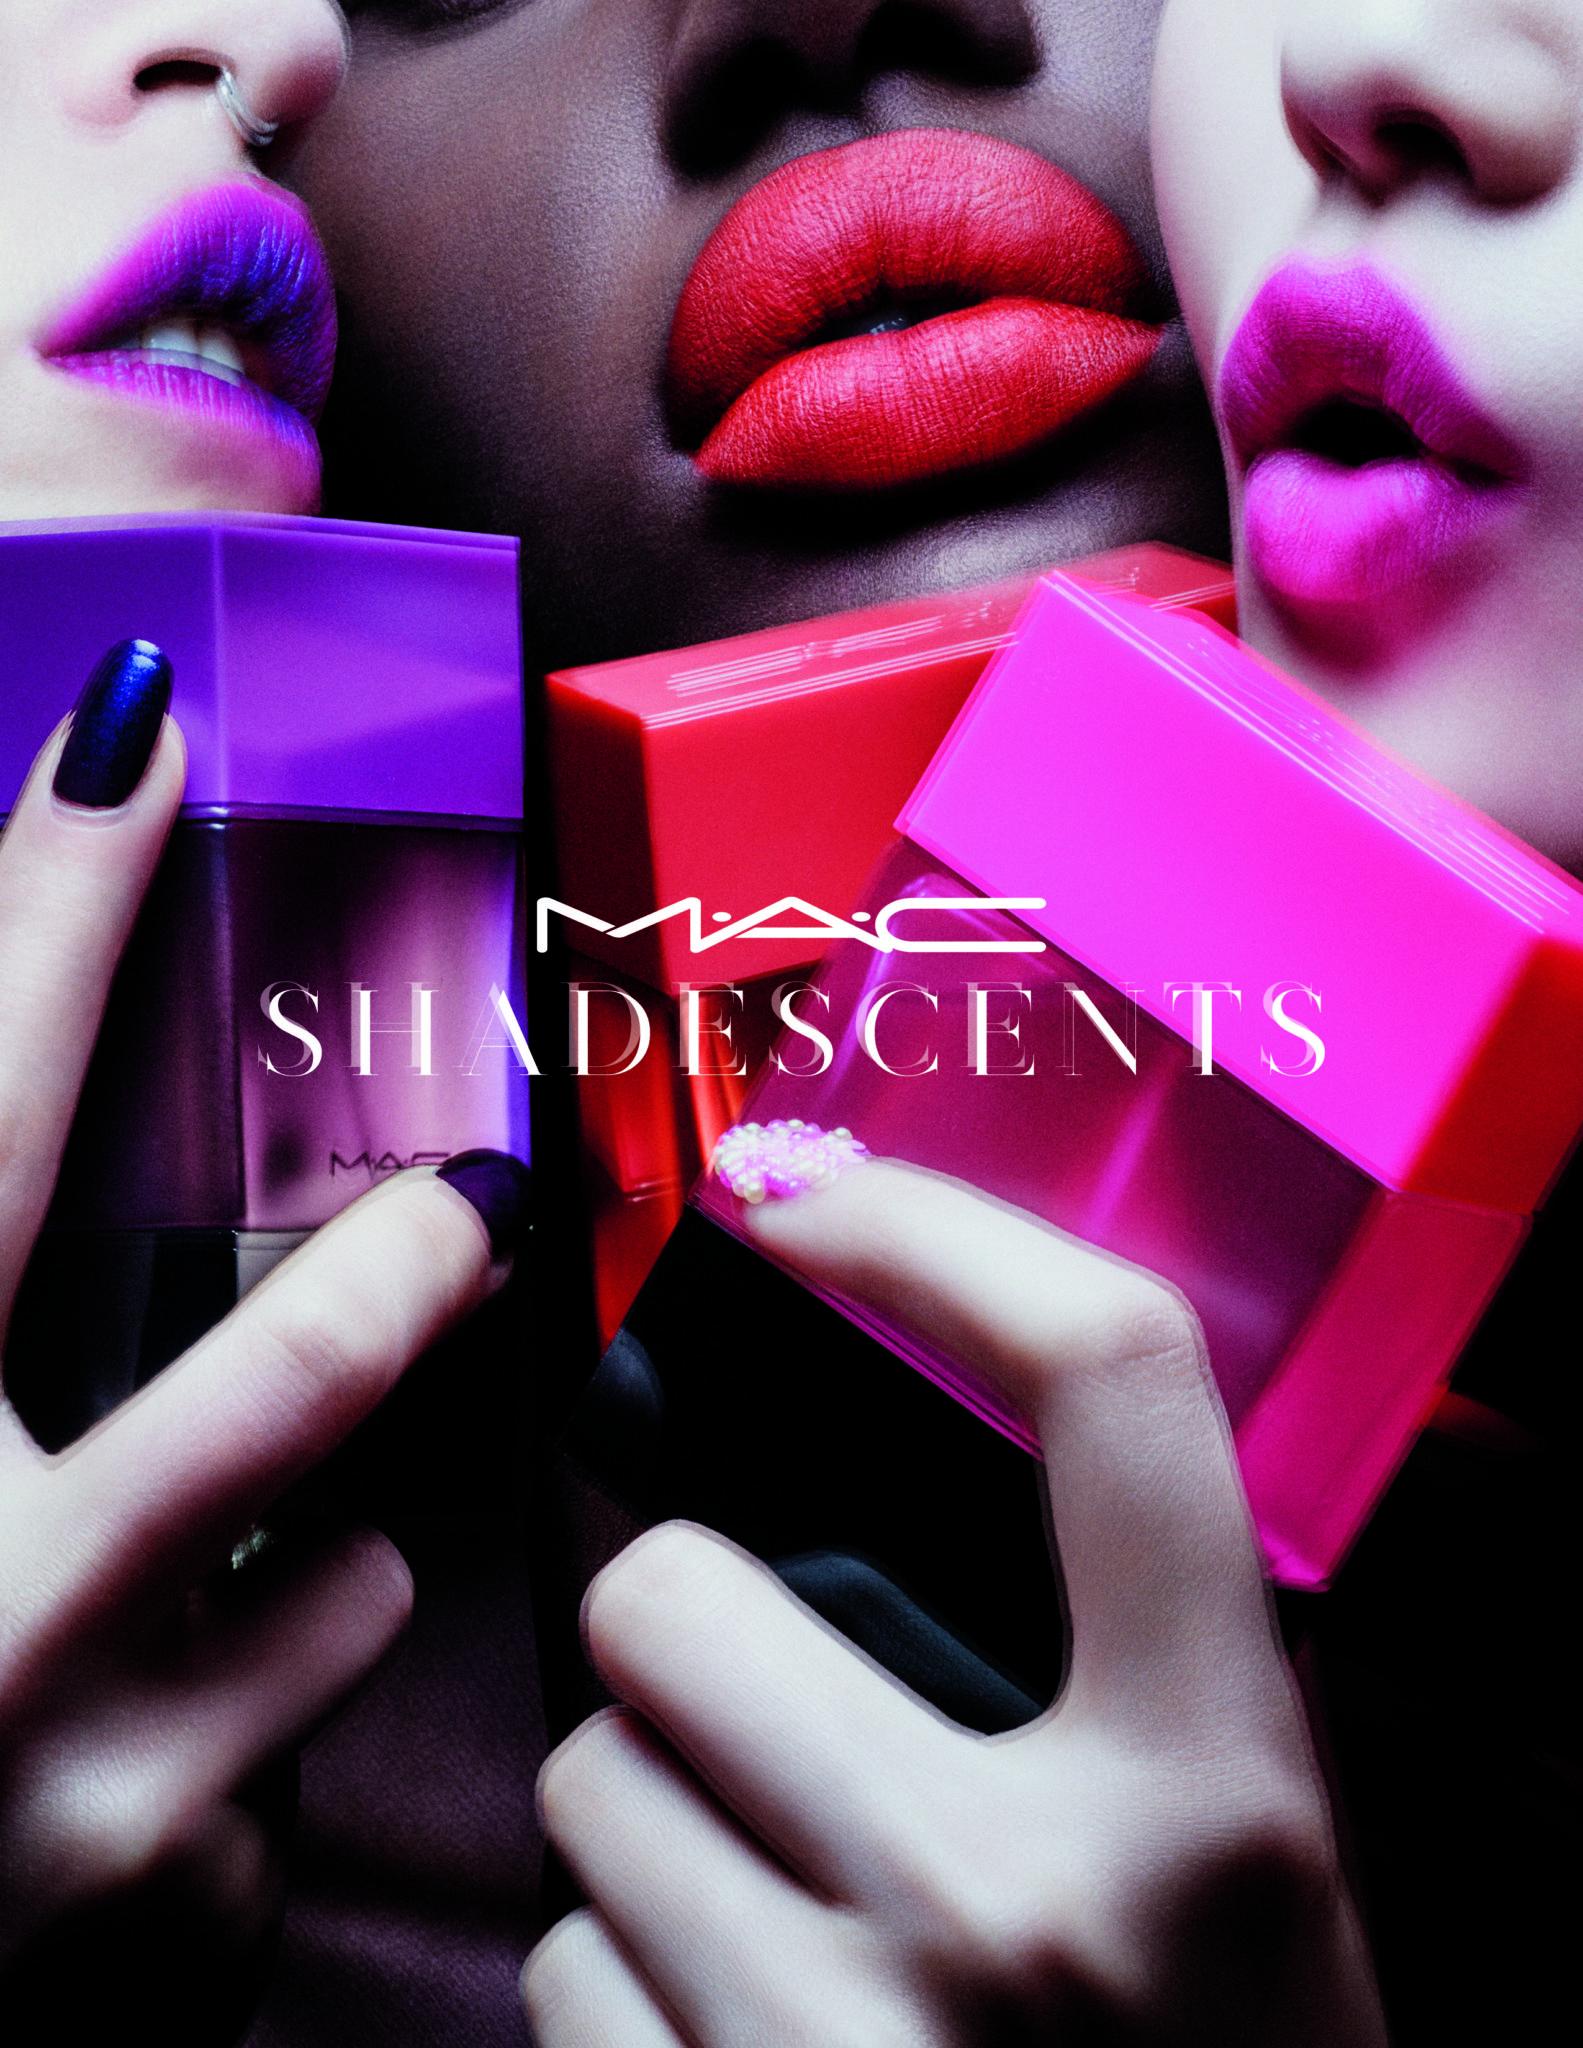 M.A.C. Presents: M.A.C. Shadescents